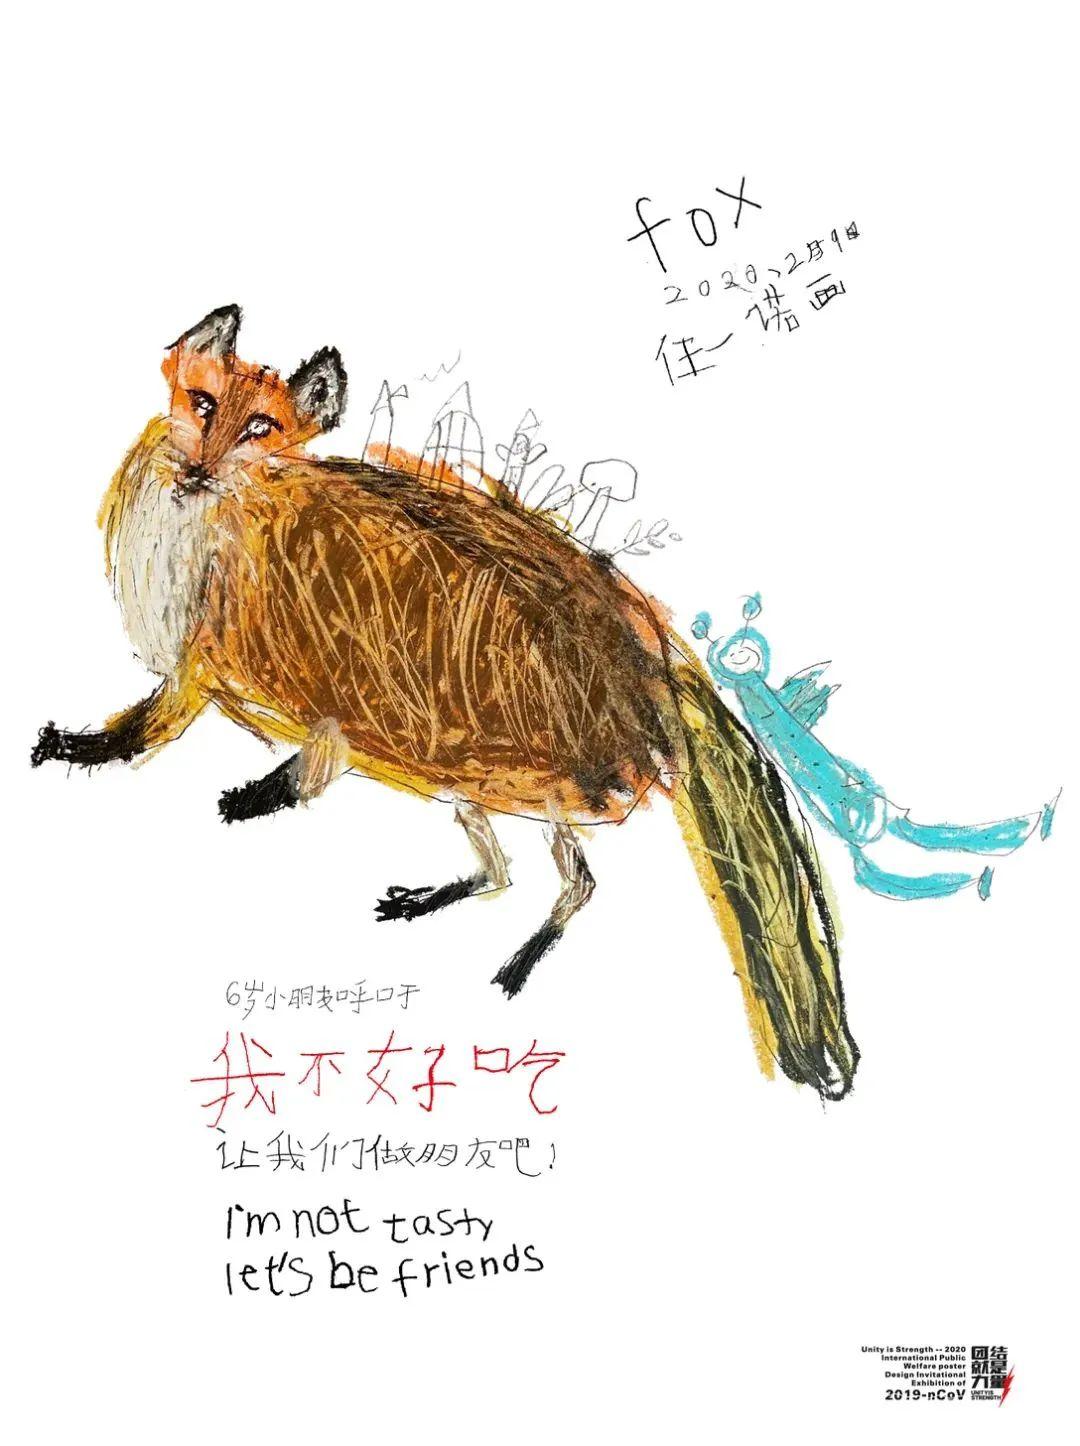 6岁蒙古族小设计师用插画拯救野生动物,为抗疫助力! 第15张